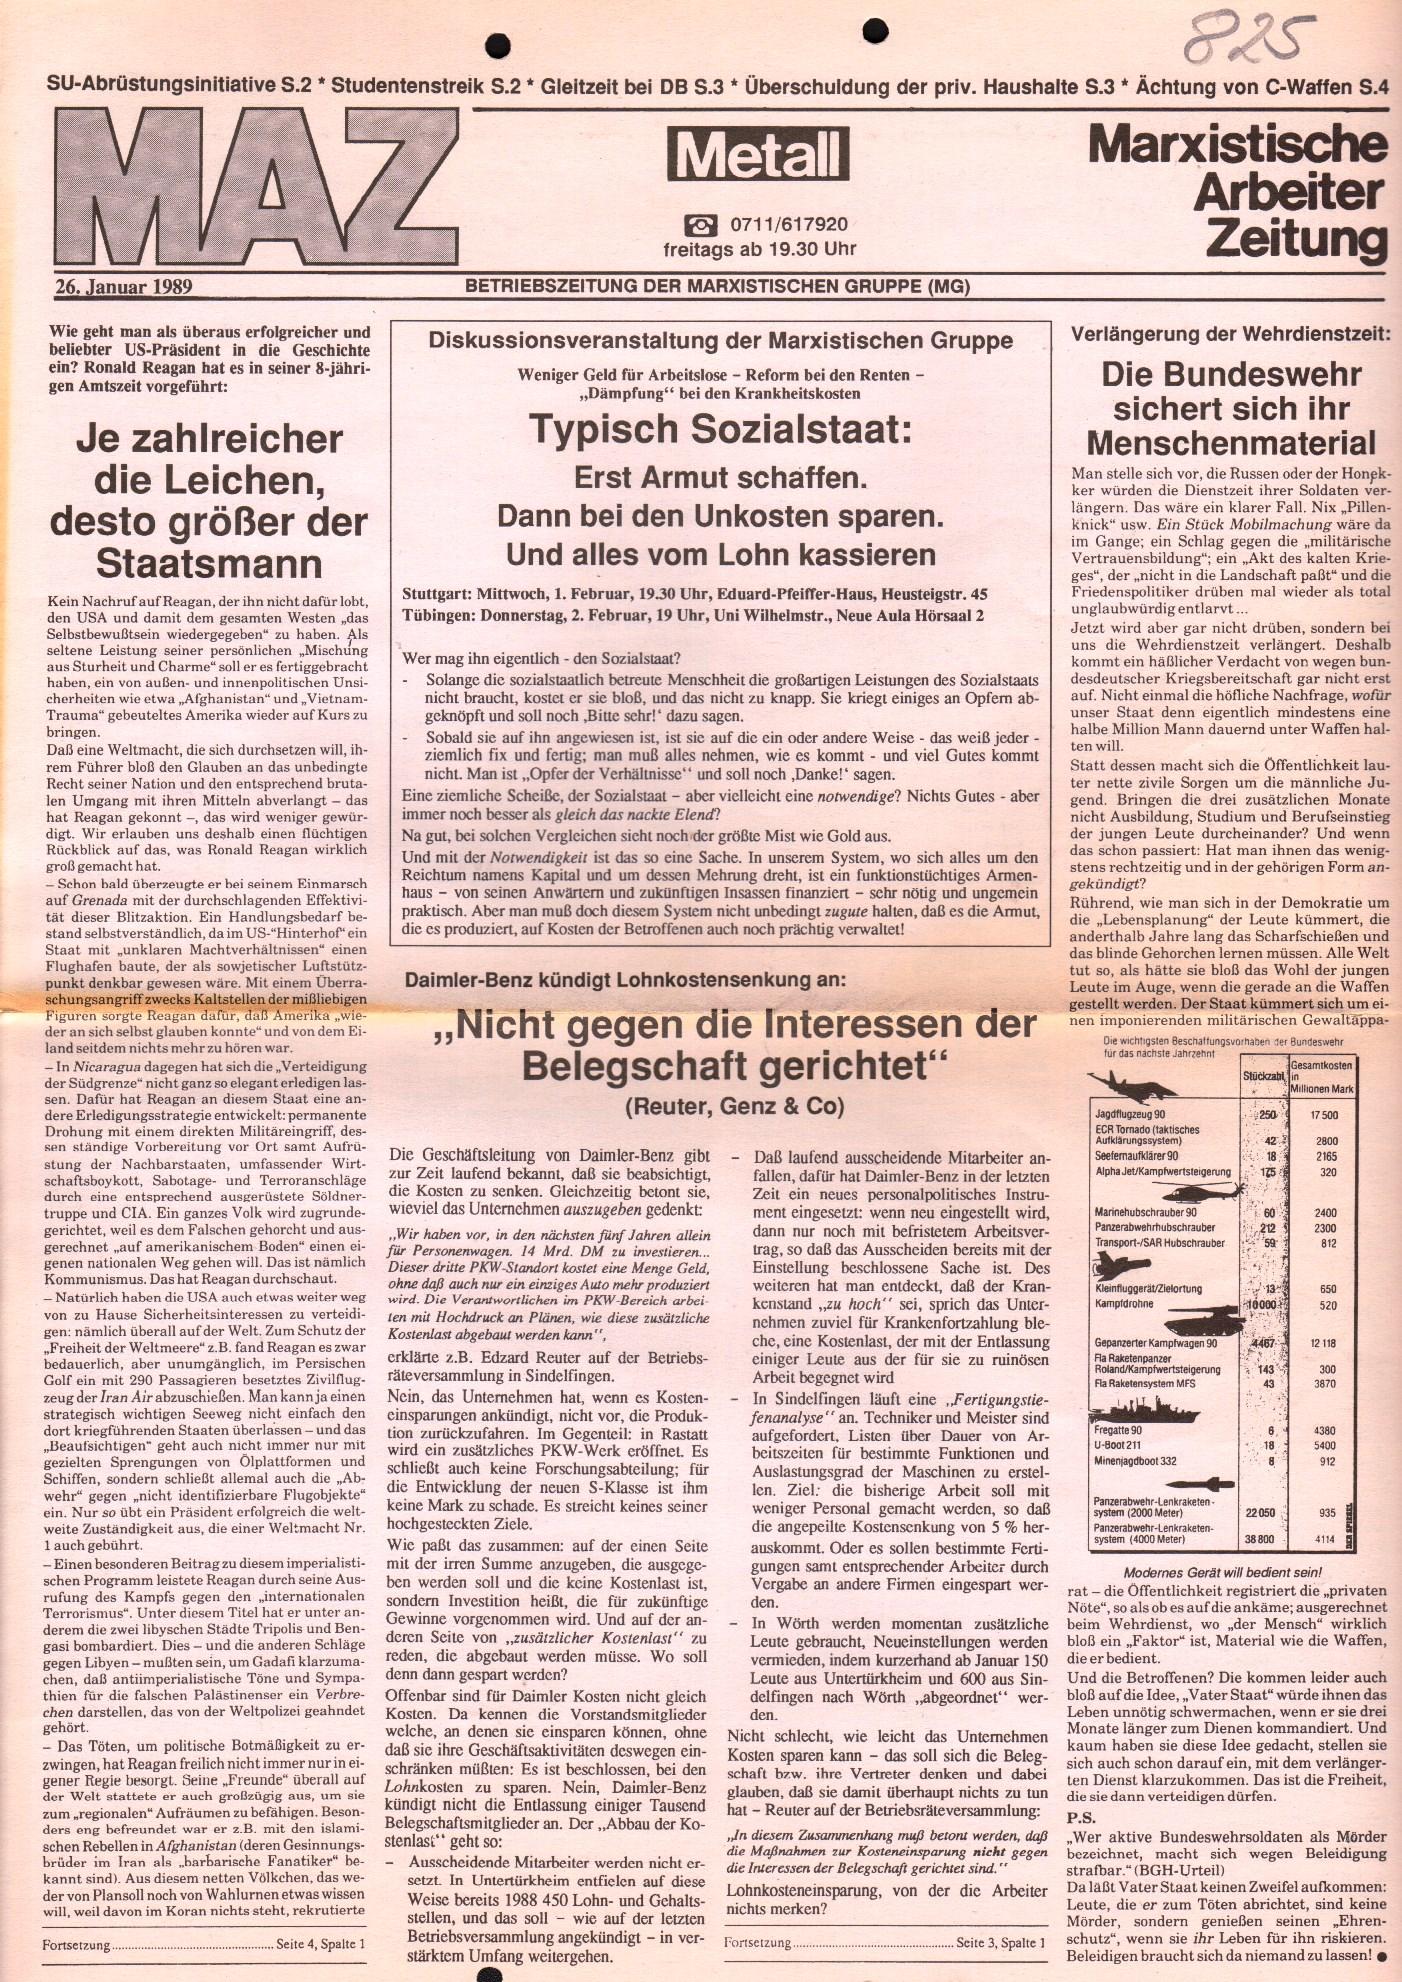 BW_MG_Marxistische_Arbeiterzeitung_19890126_01